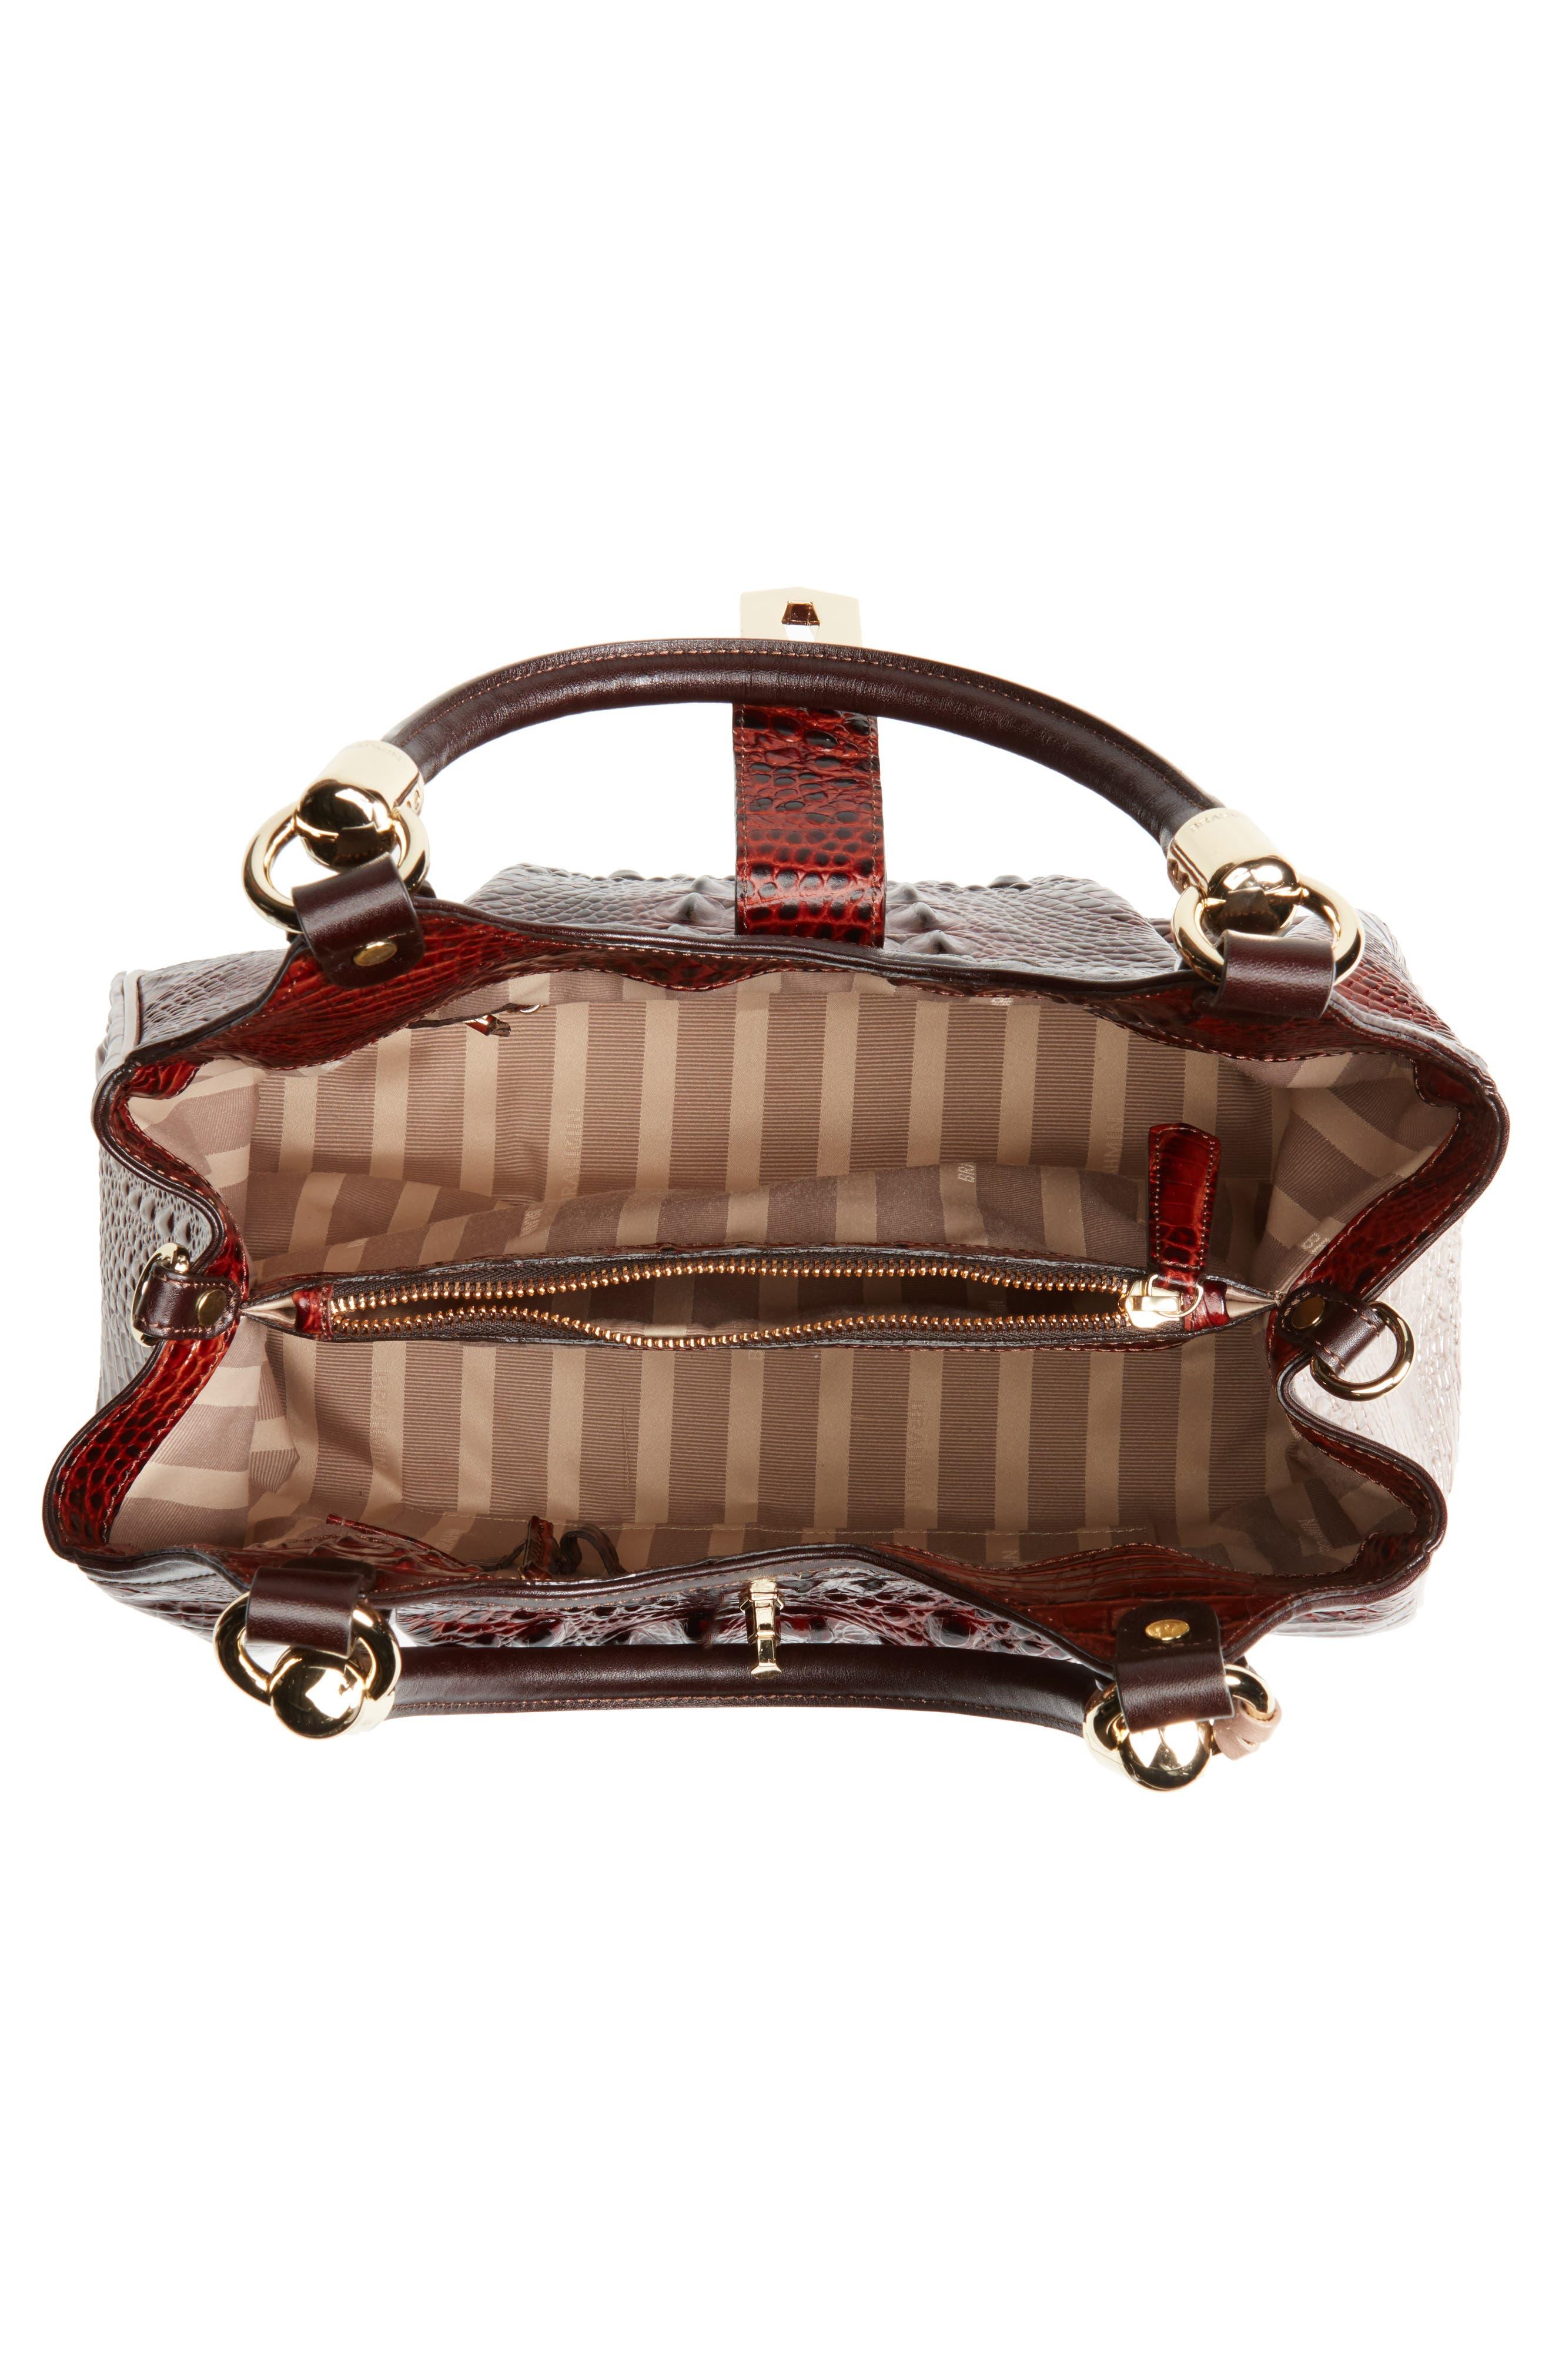 Elisa Croc Embossed Leather Shoulder Bag,                             Alternate thumbnail 4, color,                             Pecan